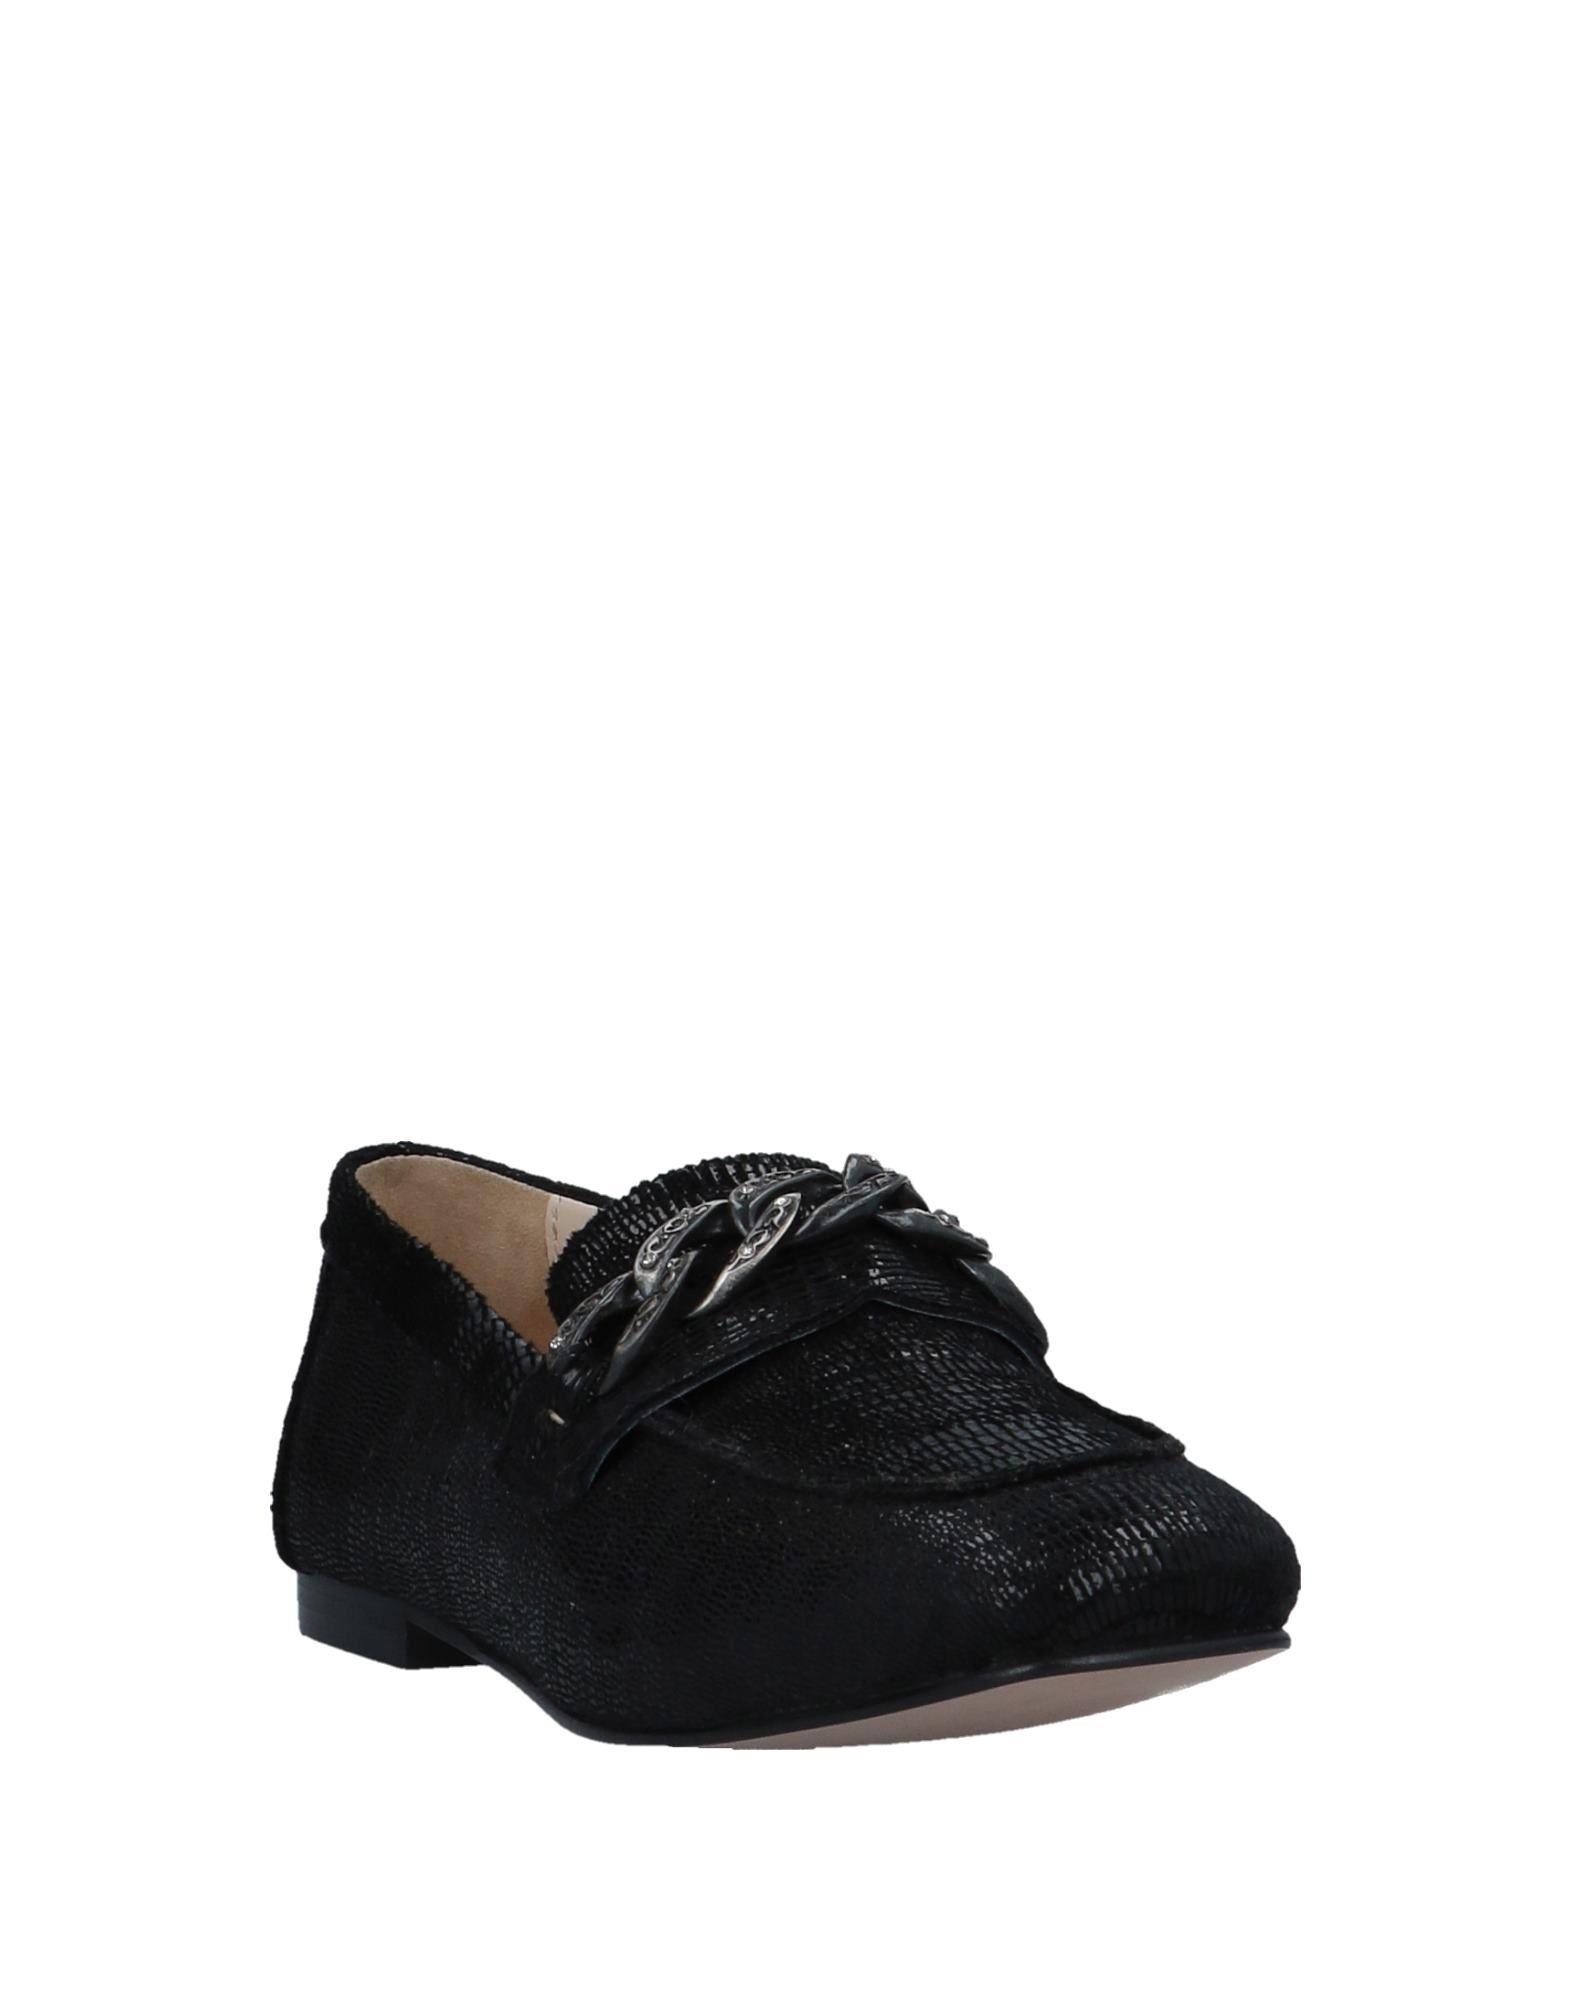 Chiarini Bologna Mokassins Damen  11543135MN Gute Qualität beliebte Schuhe